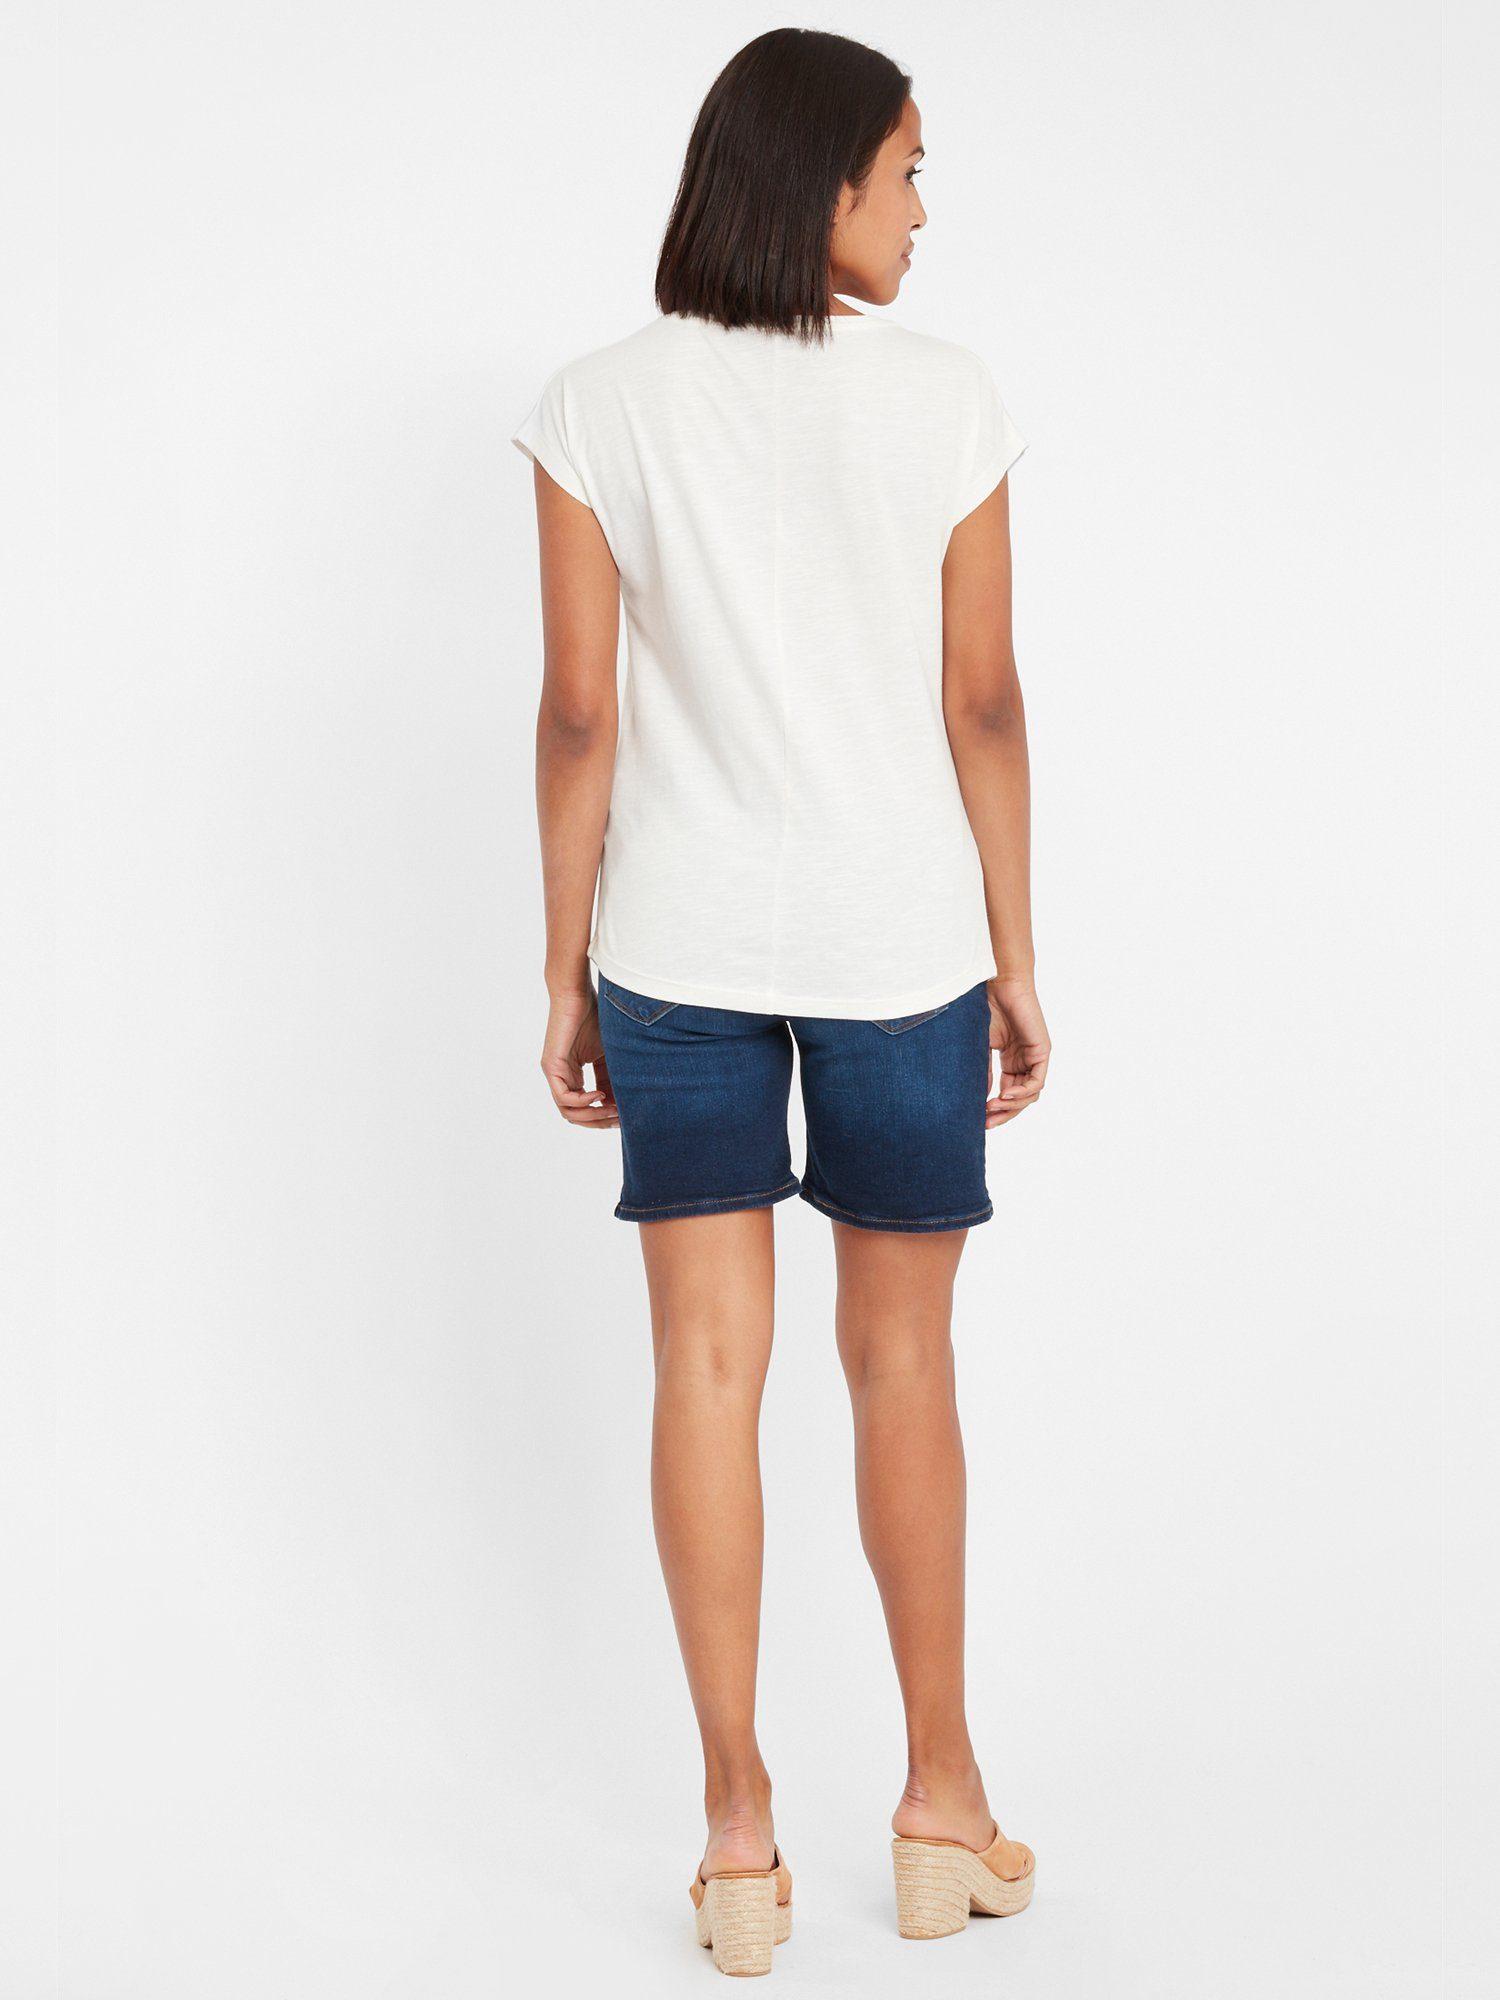 Cross Jeans T-shirt 55678 Vind Je Bij - Geweldige Prijs